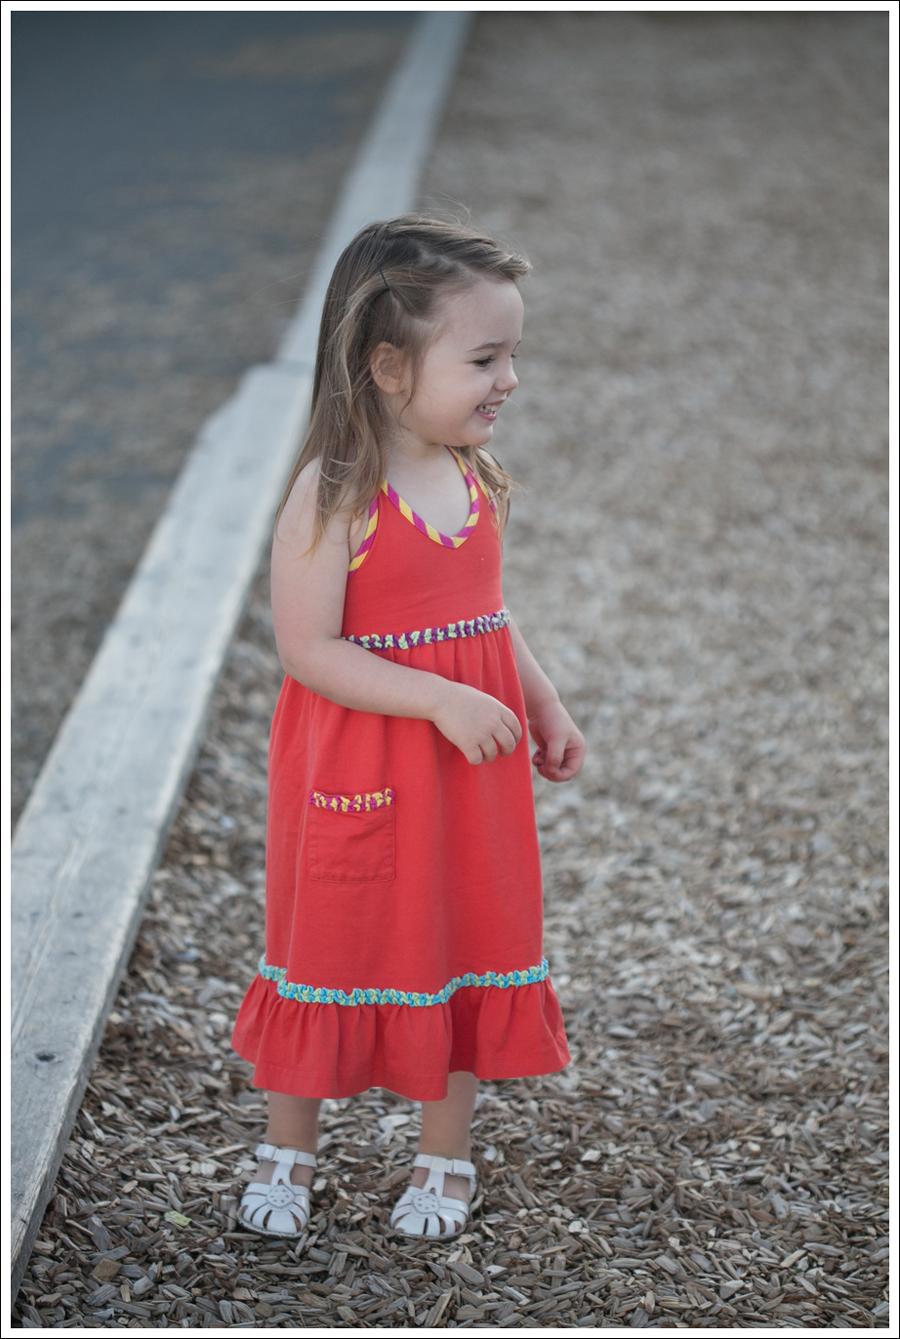 Blog Hanna Andersson Orange Halter Dress Stride Rite White Sandals-2